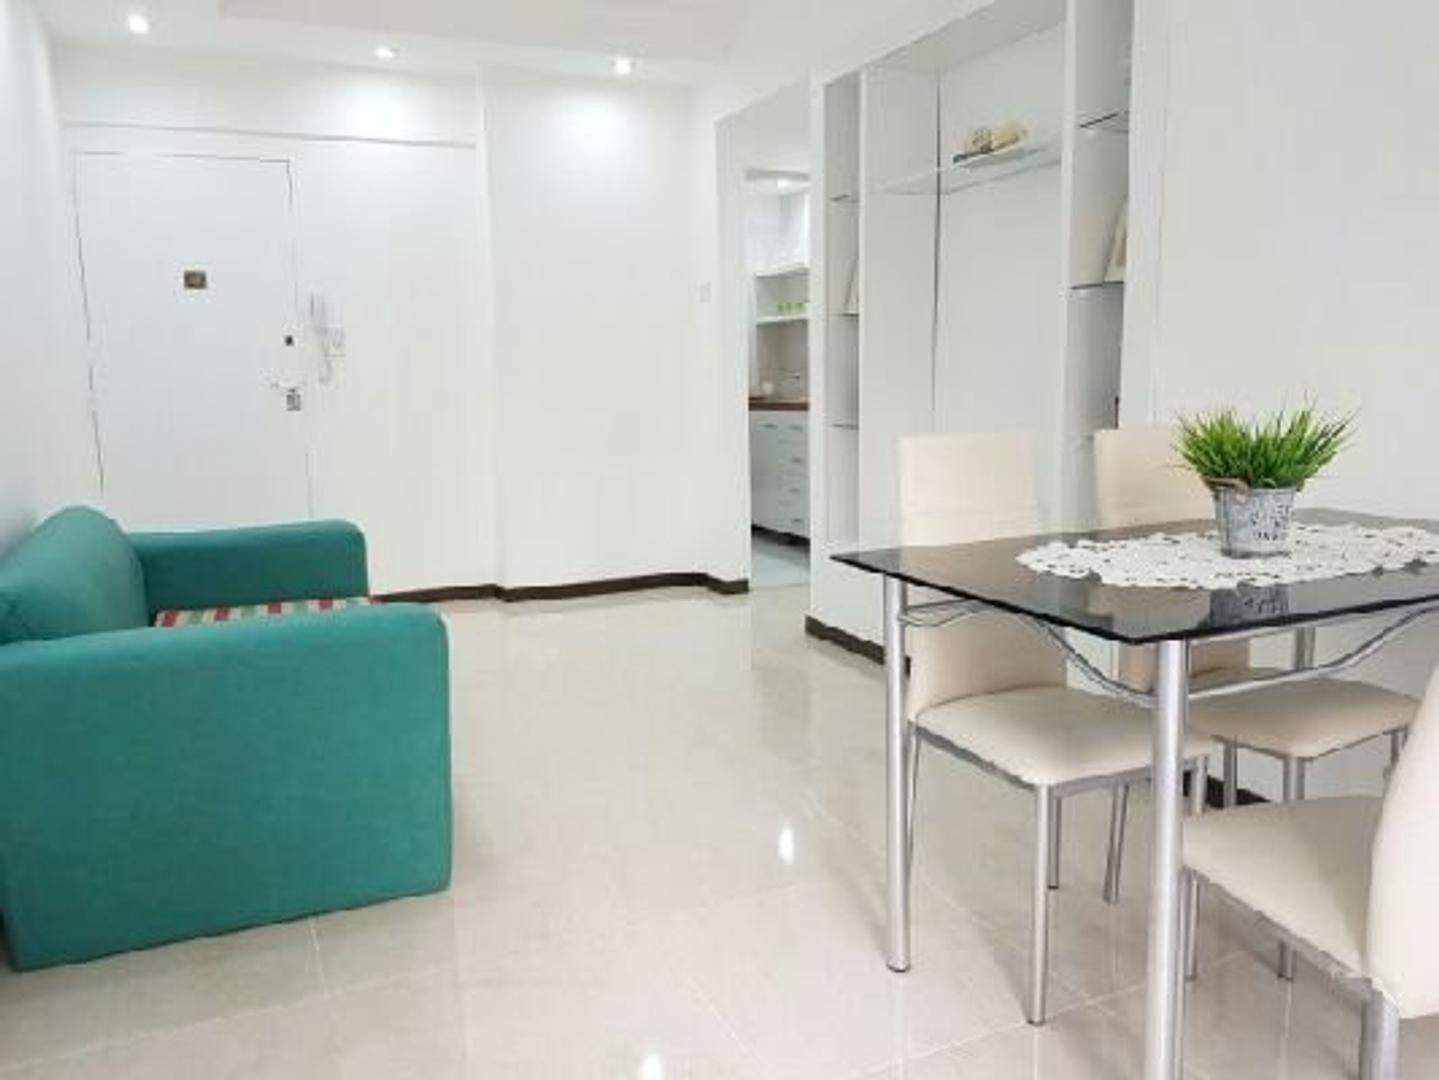 Departamento en Venta en Otro - 2 ambientes